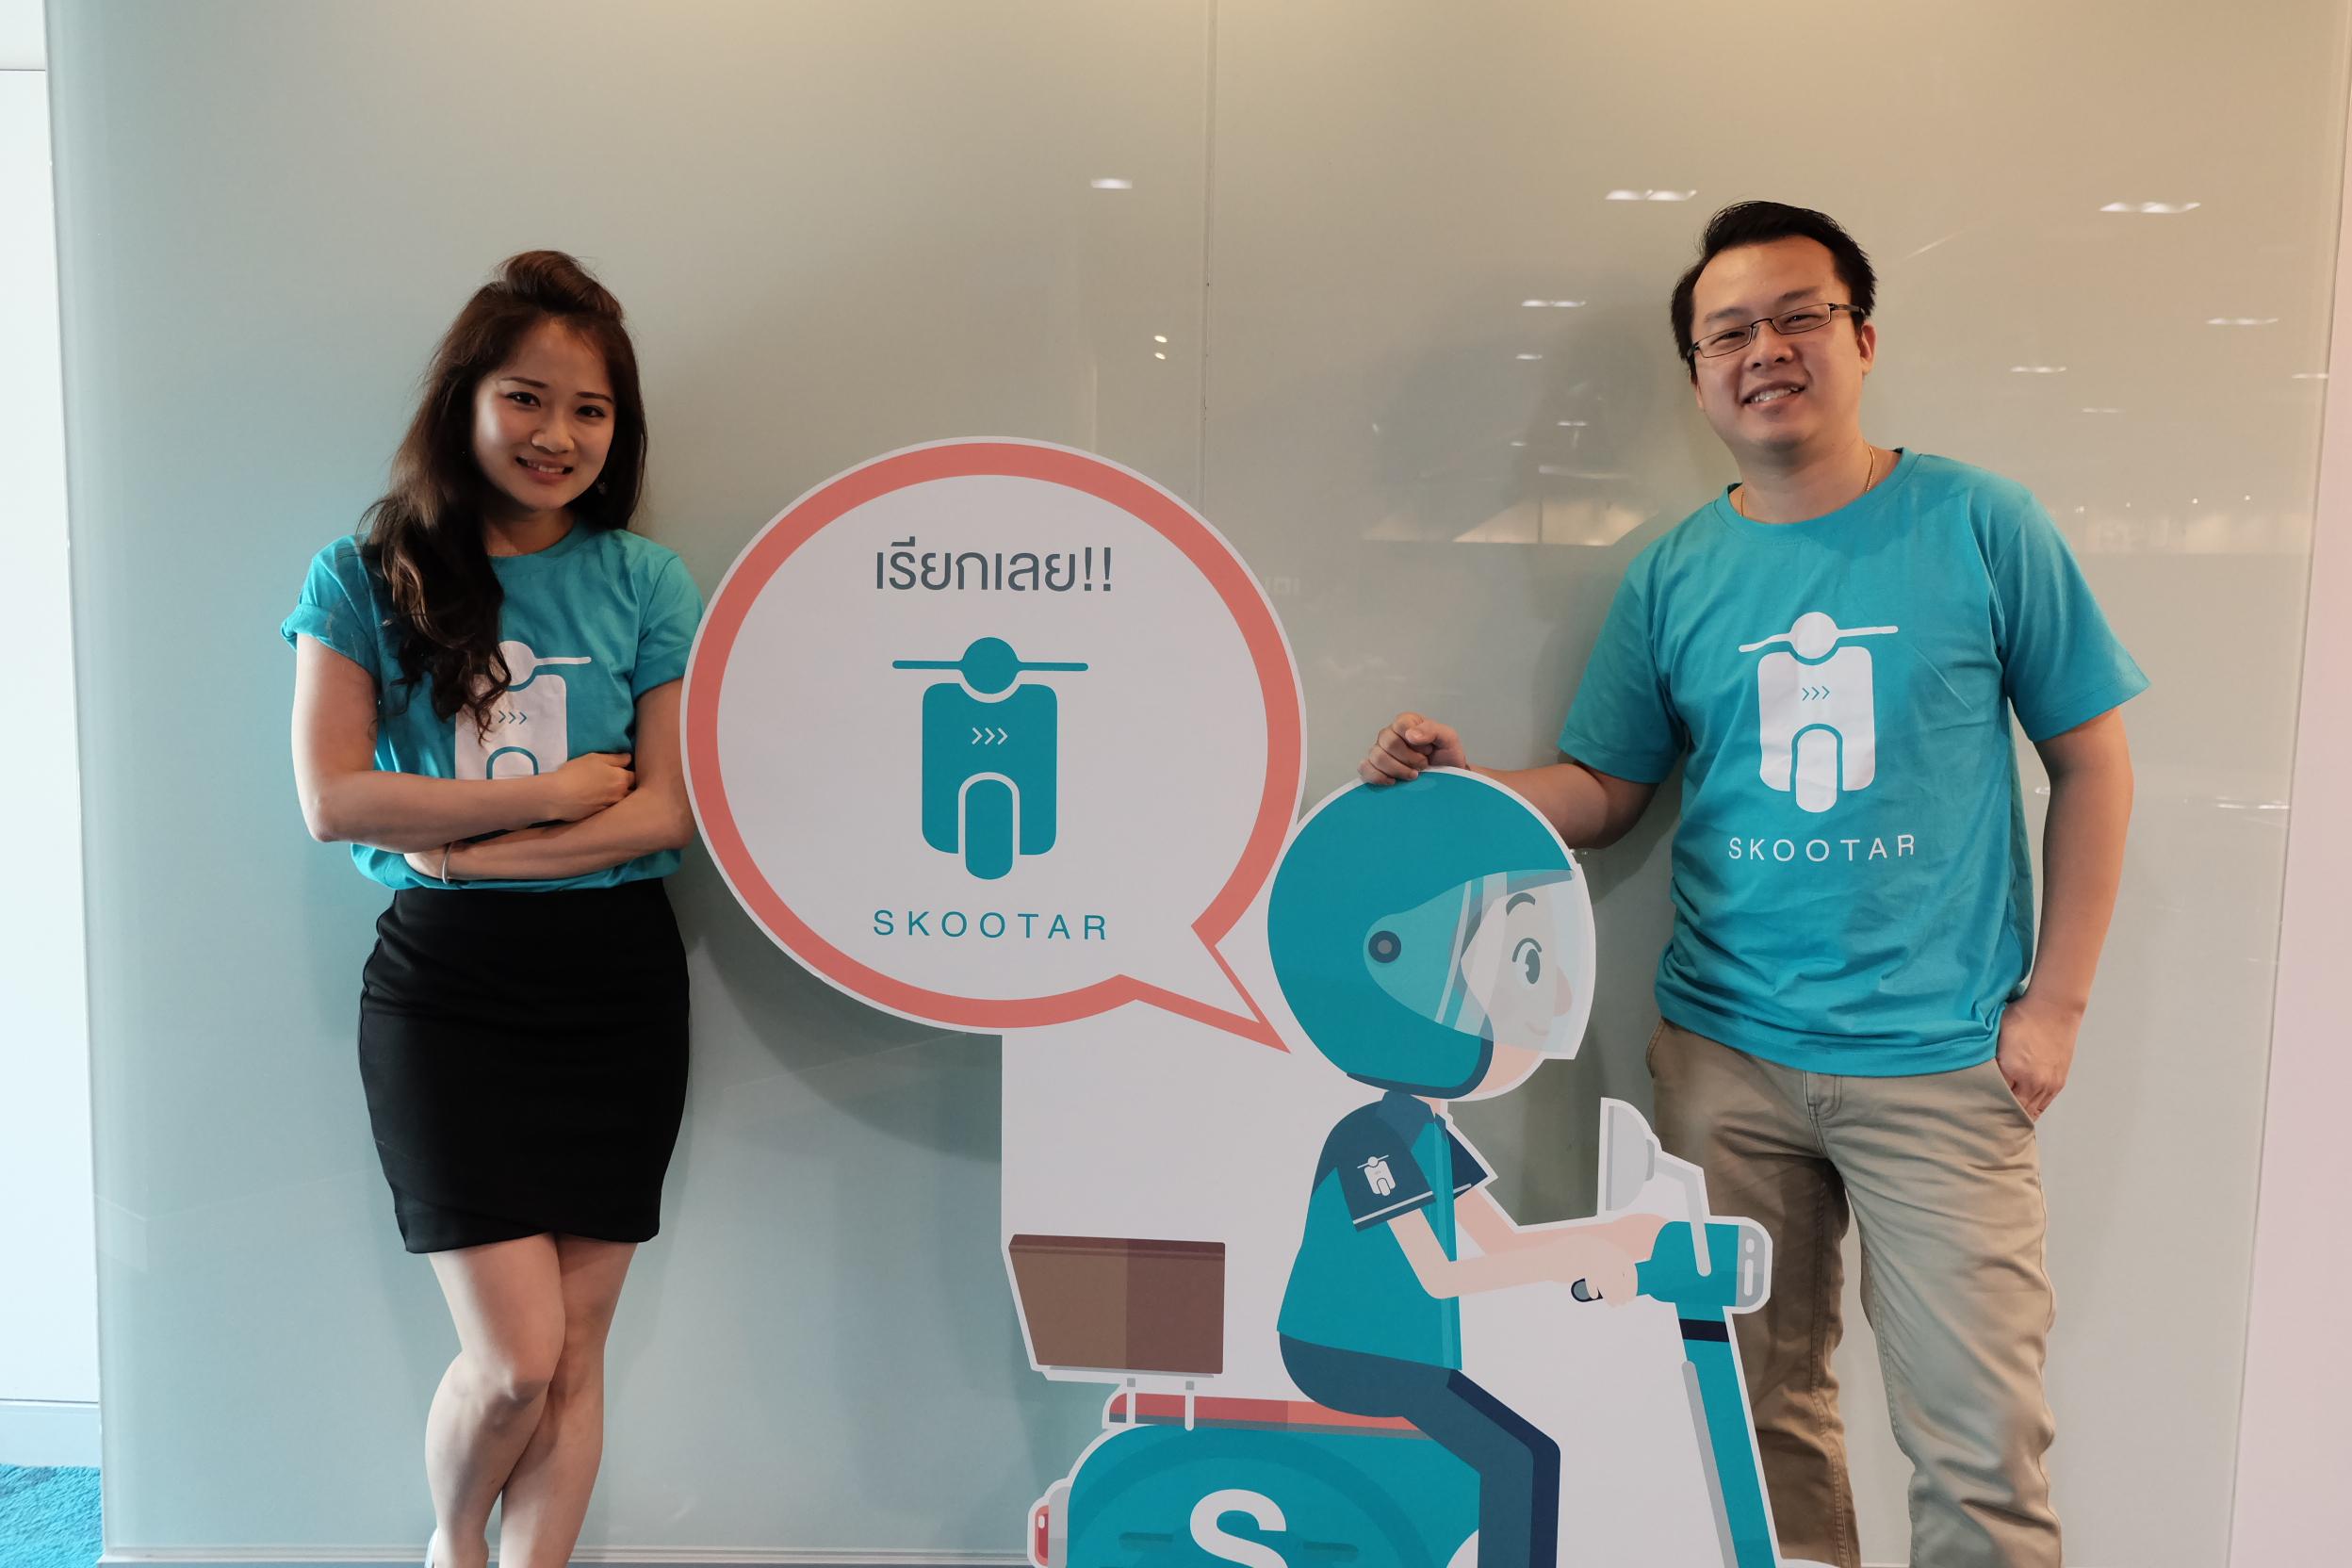 เก็บเช็ค วางบิล ส่งเอกสารอย่างว่องไว ด้วย Startup สายเลือดไทย SKOOTAR